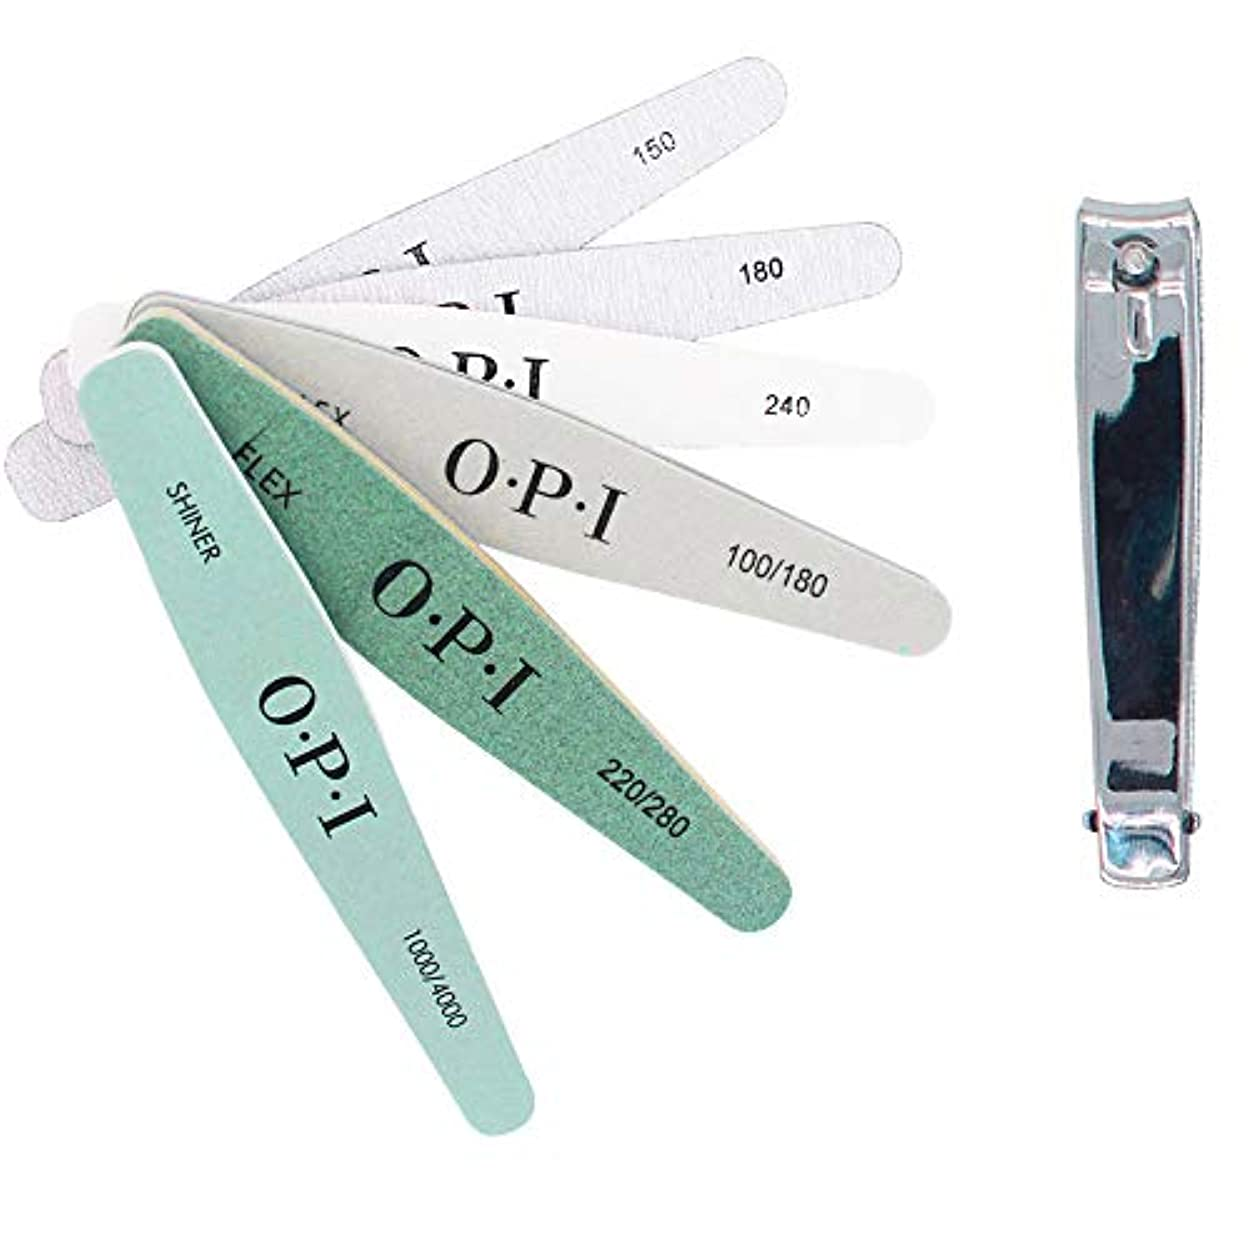 限定きょうだいアーネストシャクルトンKINYOOOスポンジファイル、爪やすり、ネイルをつやつやに、のネイルツール、 150/180/200/240/280/1000/4000と(1 PCSメタルネイルはさみ)、ネイルケア用化粧マニキュアペディキュアセット。